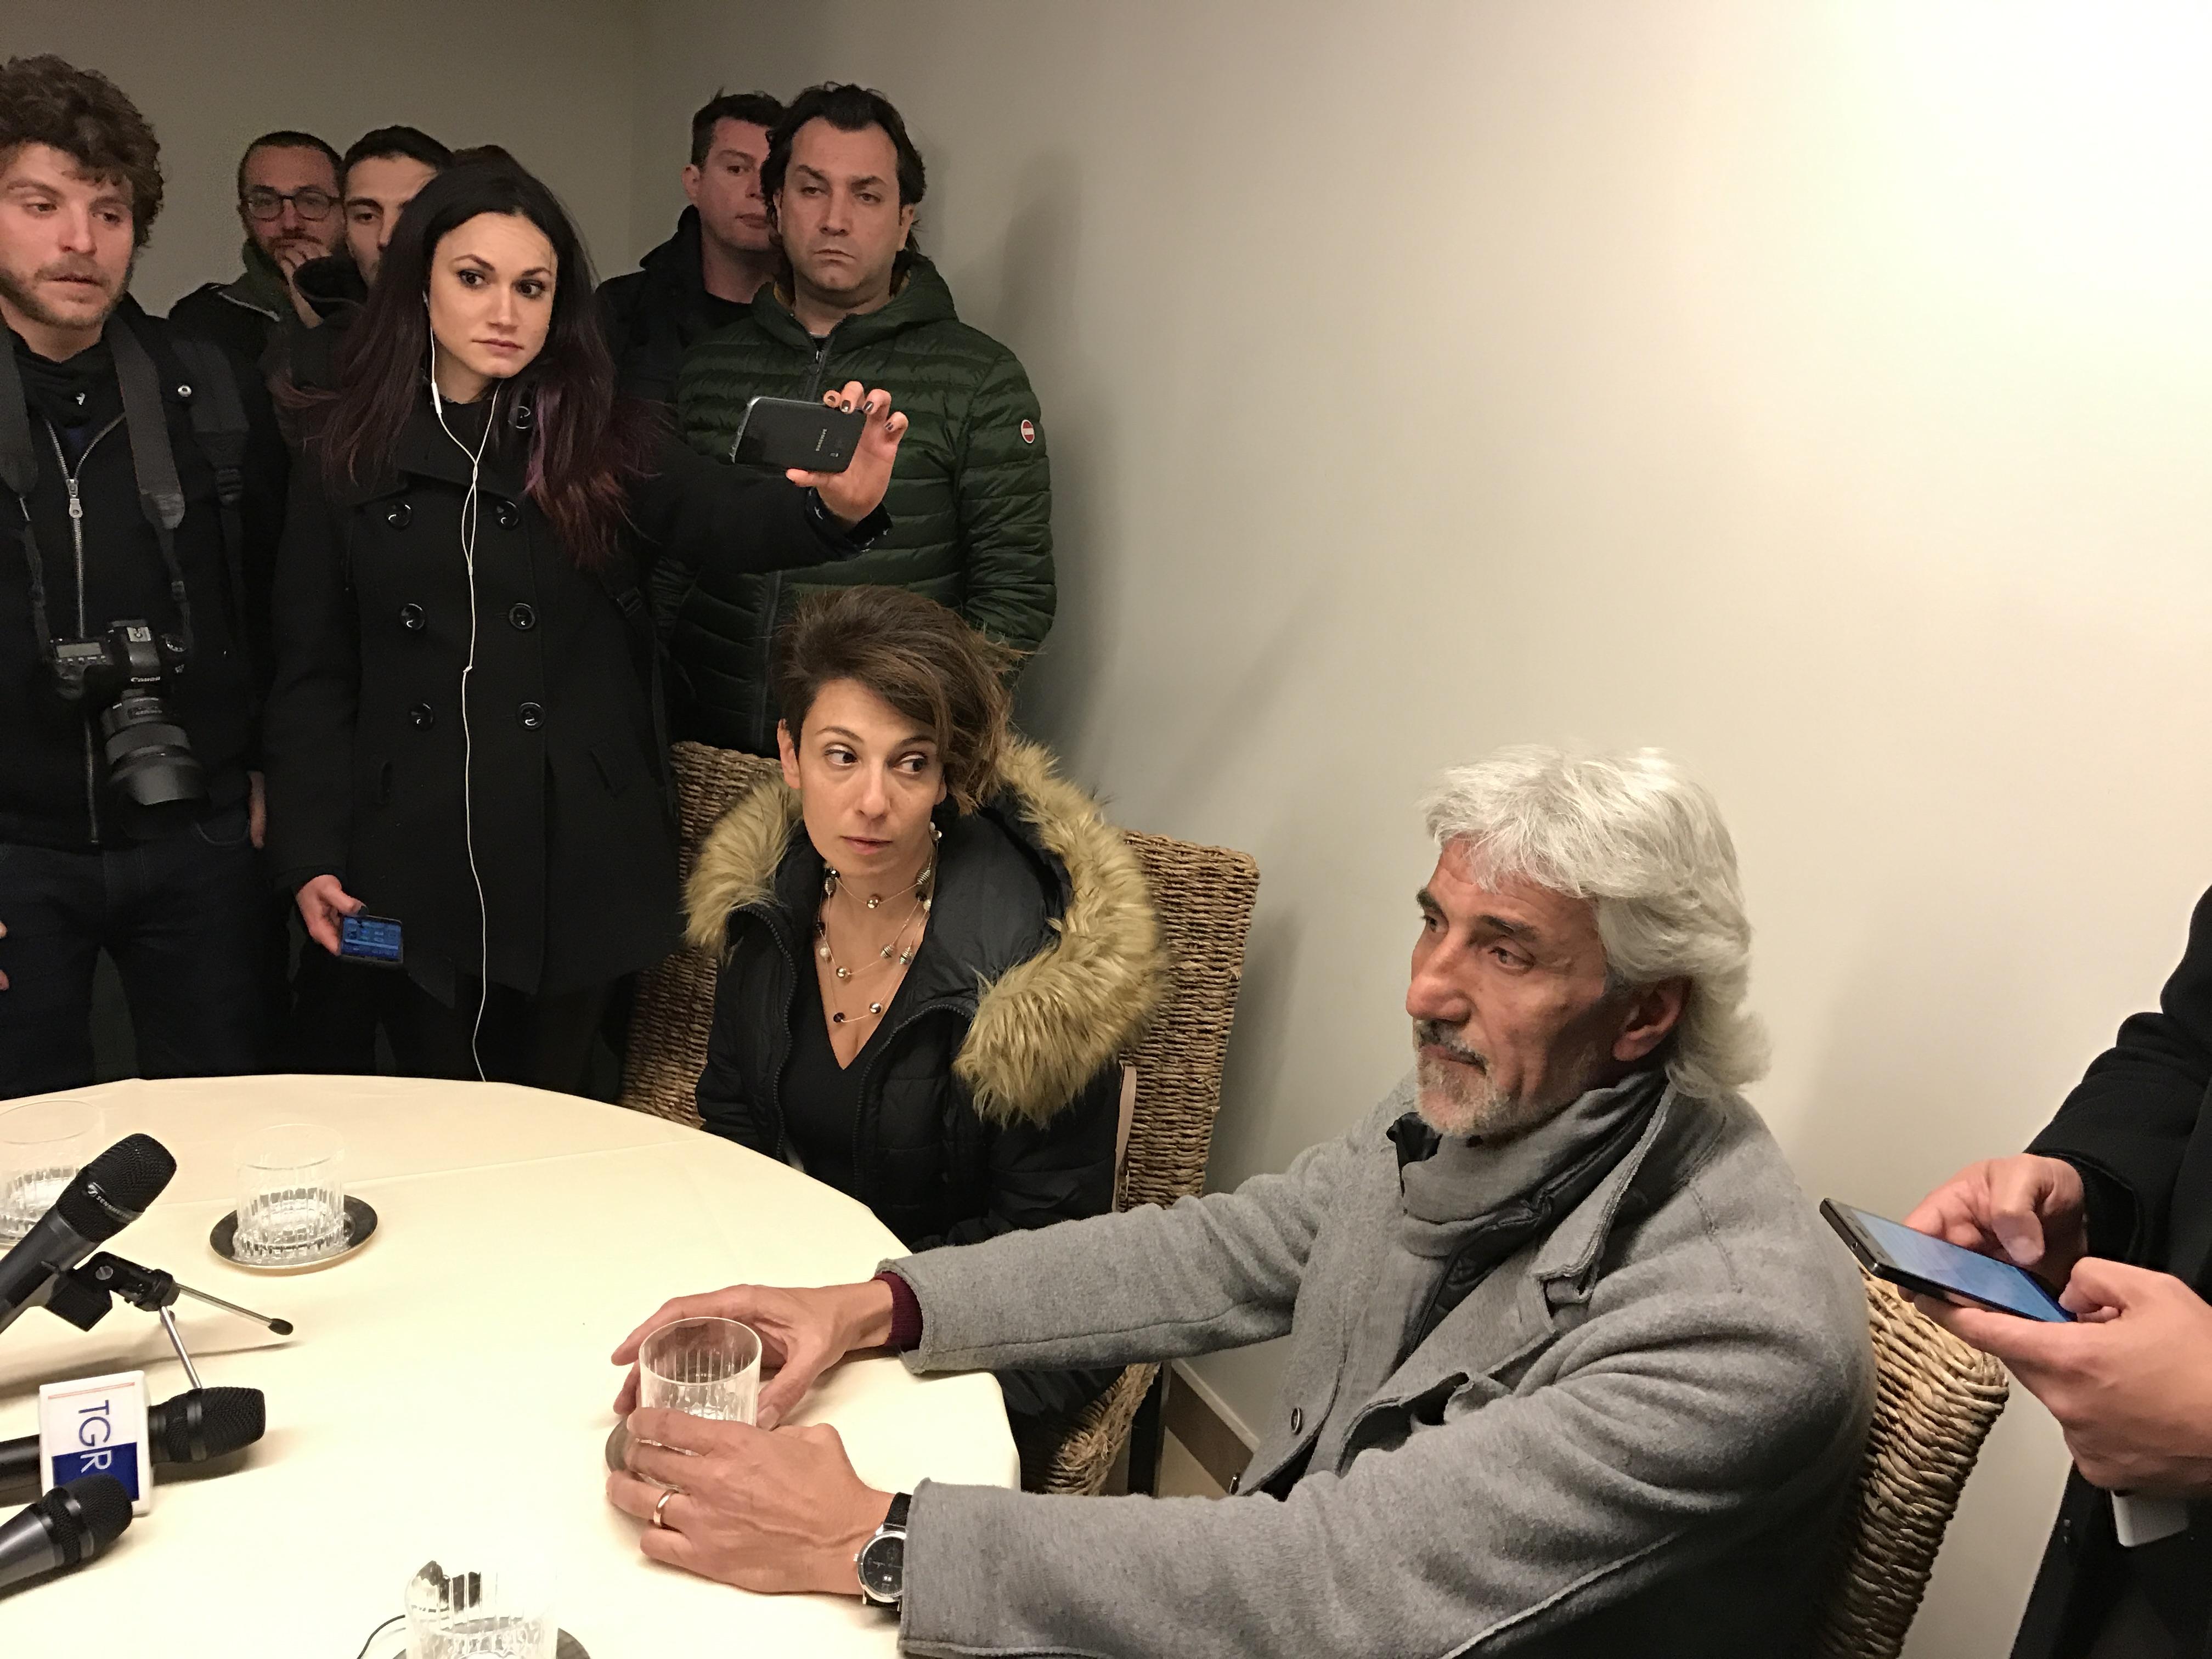 Napoli, la Mostra d'Oltremare annulla la manifestazione di Salvini